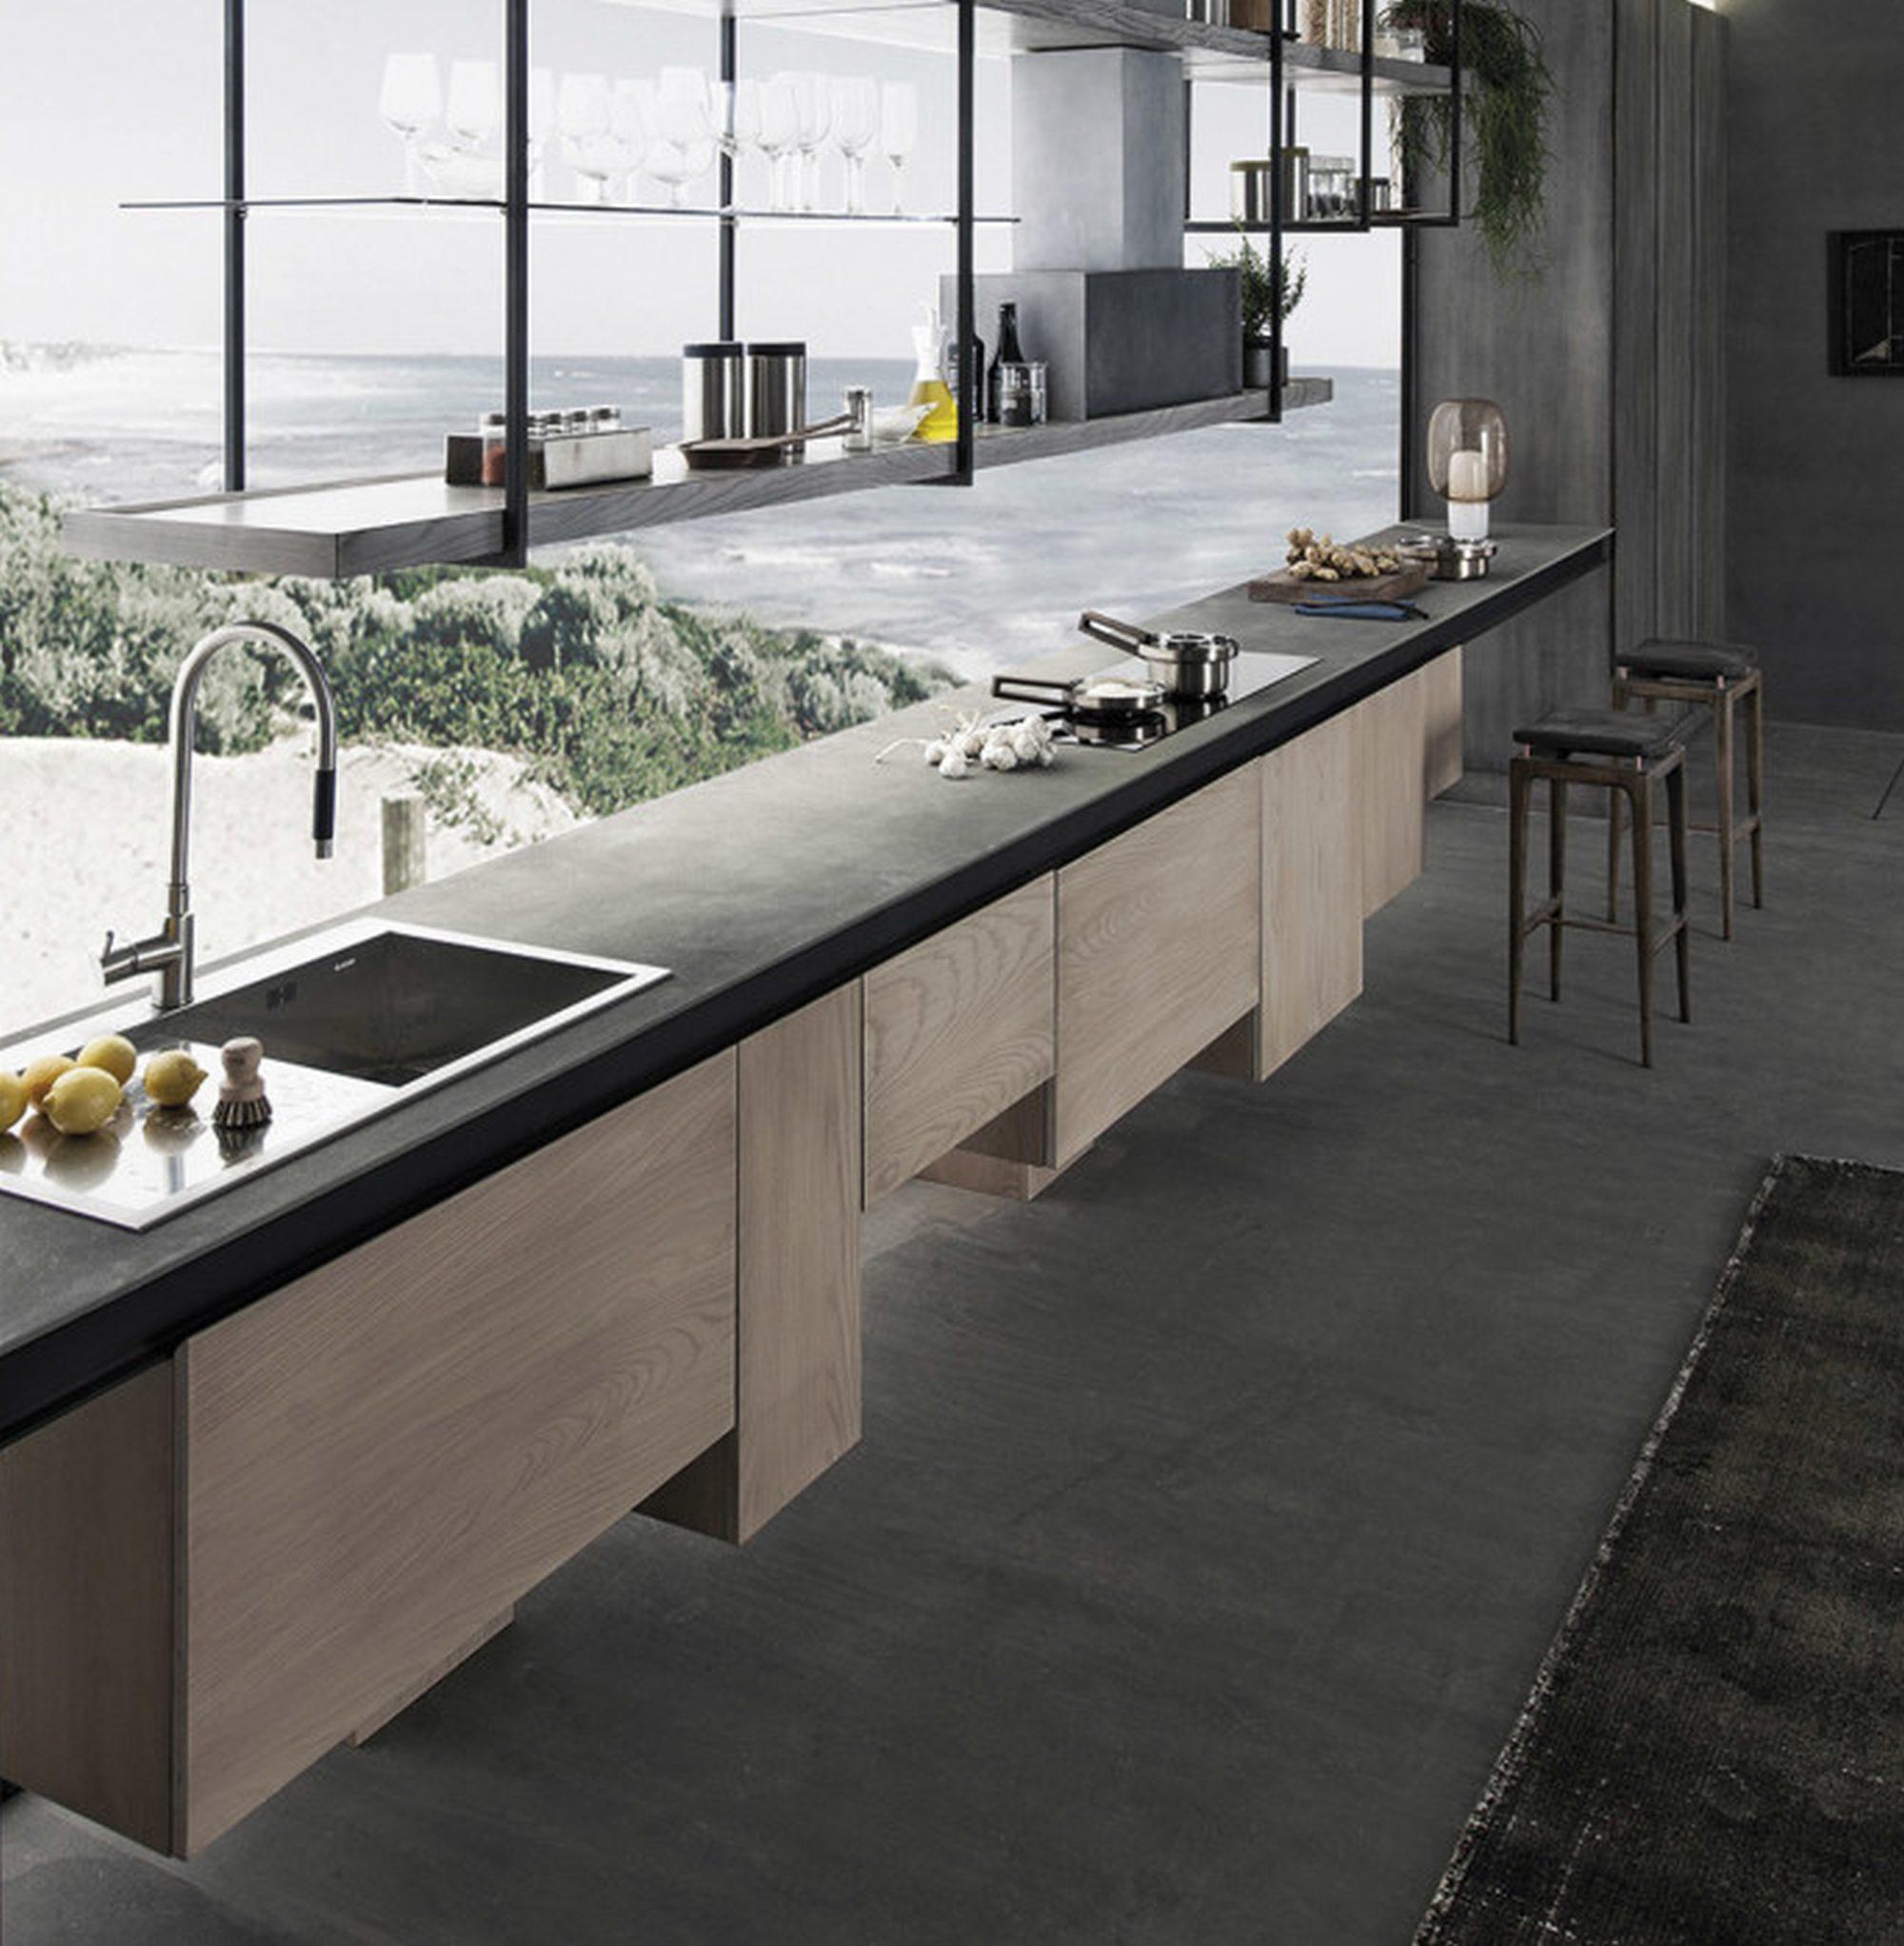 17 cocinas modernas con encimera de cemento for Cocinas de concreto modernas